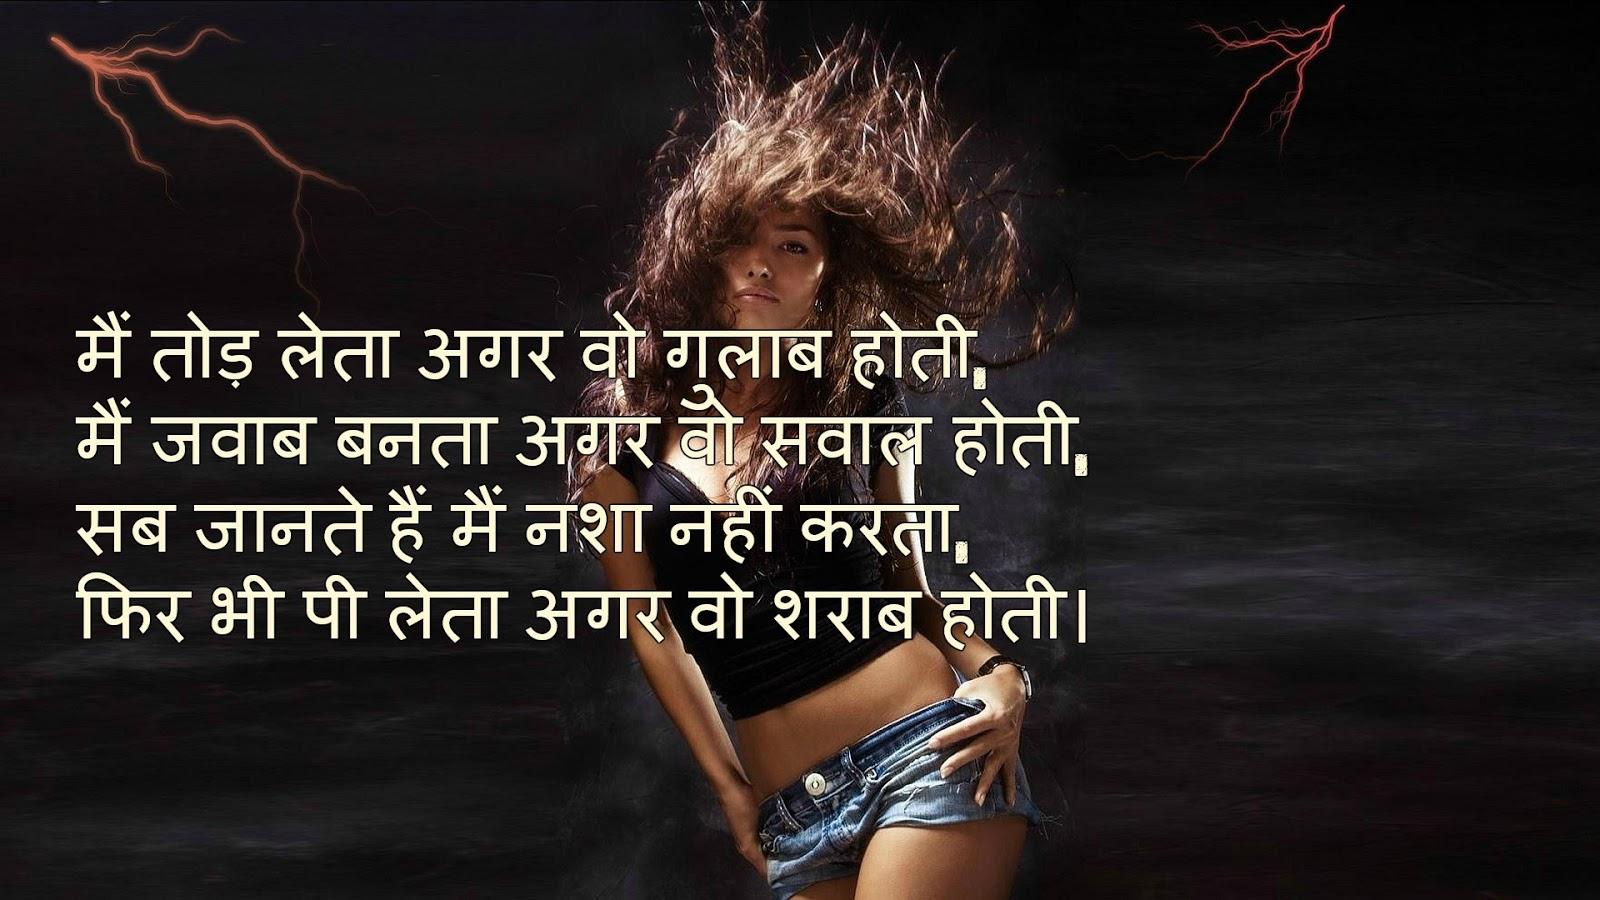 Funny sawal jawab hindi me